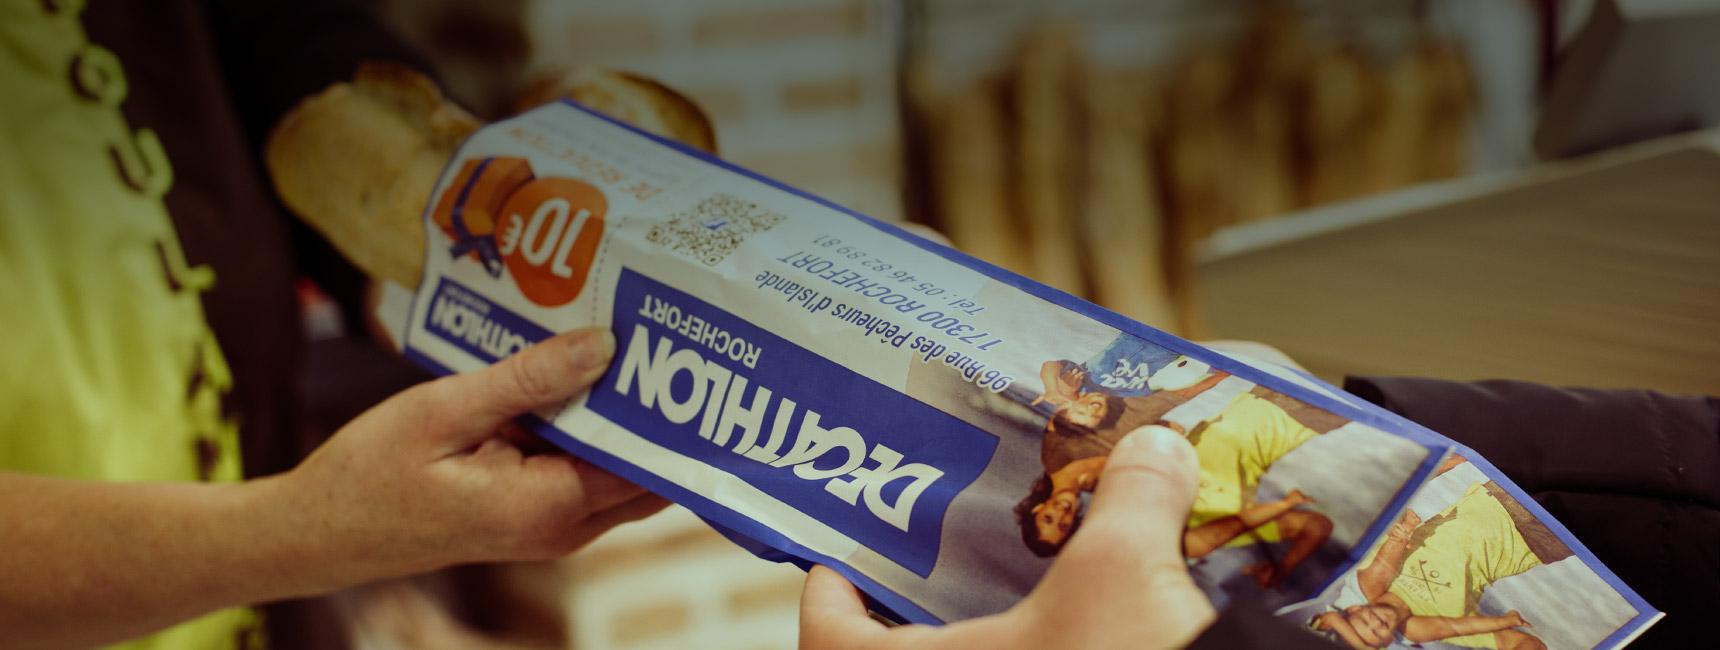 Sac à pain : le média de proximité par excellence - Média tactique - Keemia Lyon Agence marketing local en région Rhône-Alpes